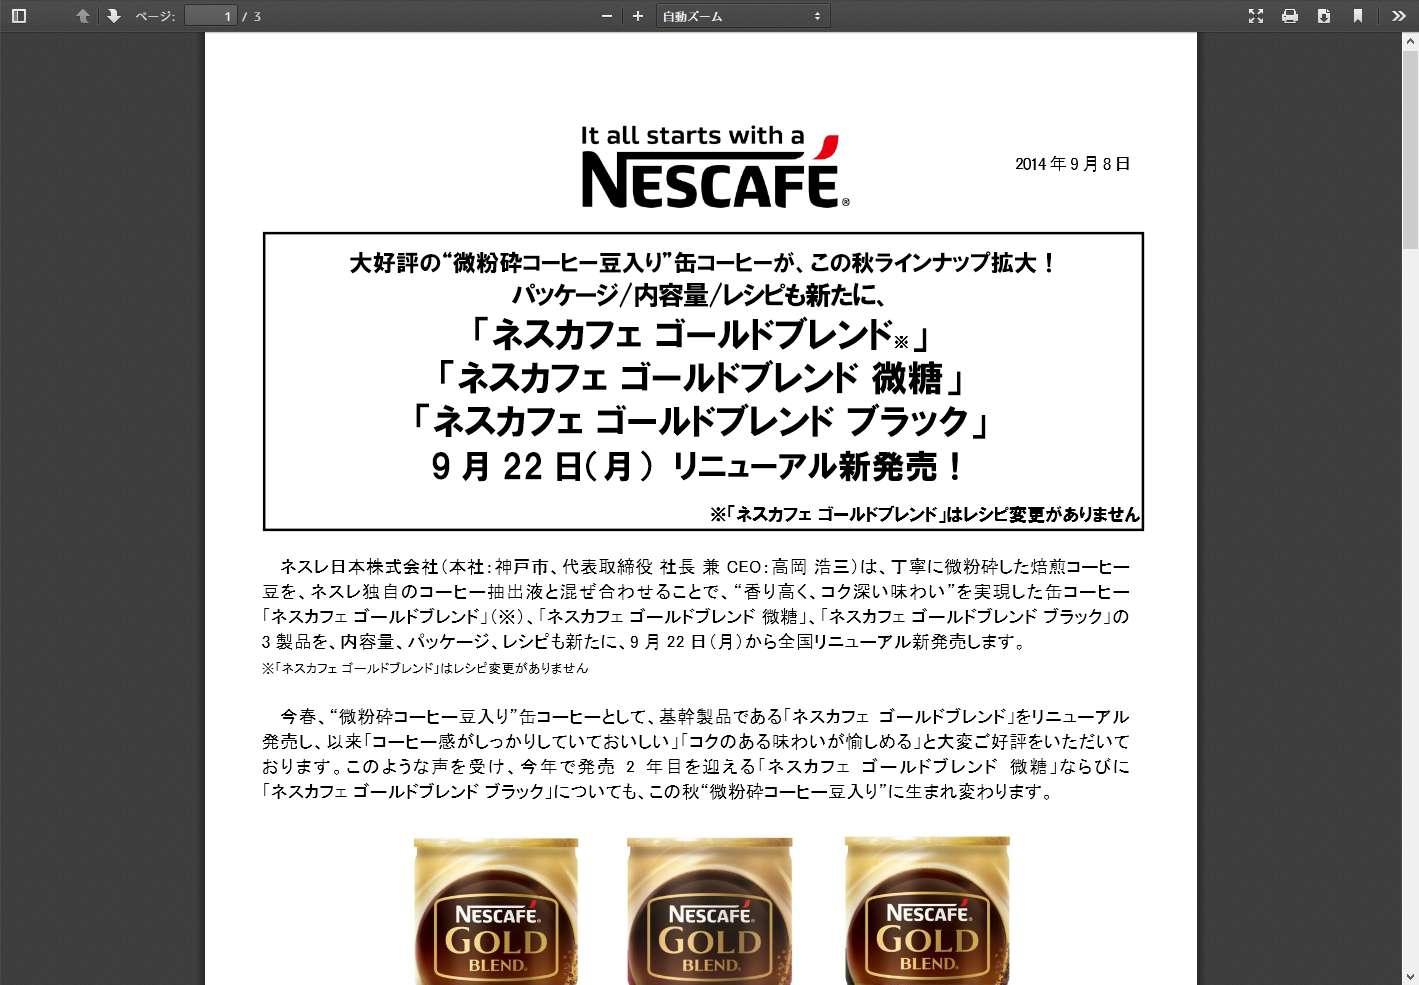 缶コーヒー 「ネスカフェ ゴールドブレンド」3製品 リニューアル新発売 ー缶コーヒーマニアー